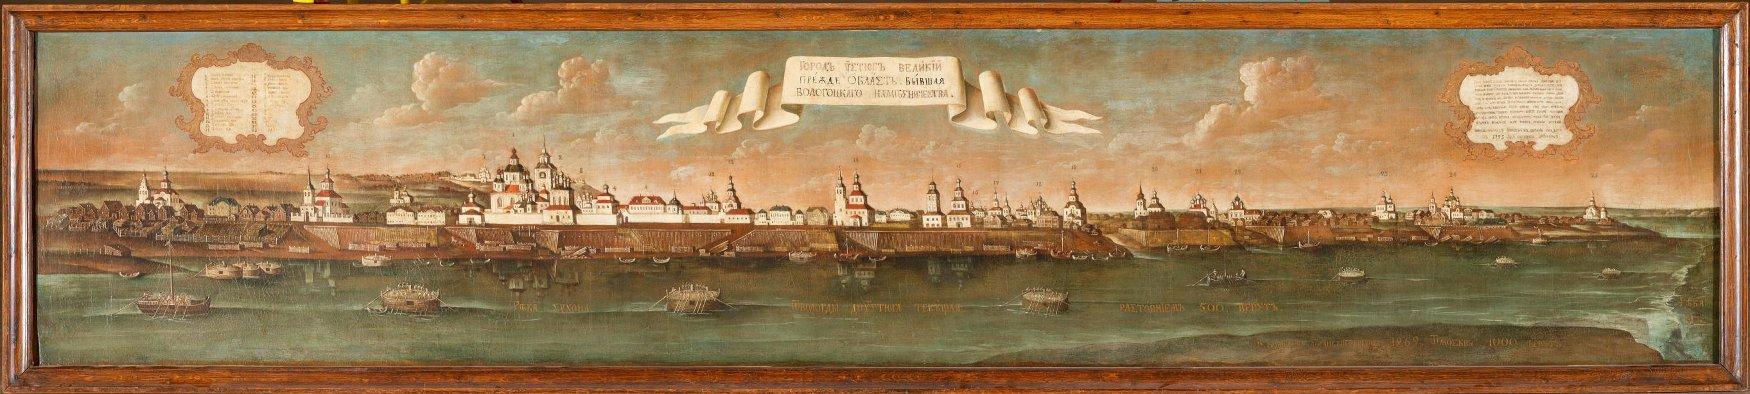 Устюг Великий. Панорама города от реки Сухоны. Березин В. К. 1795 г.